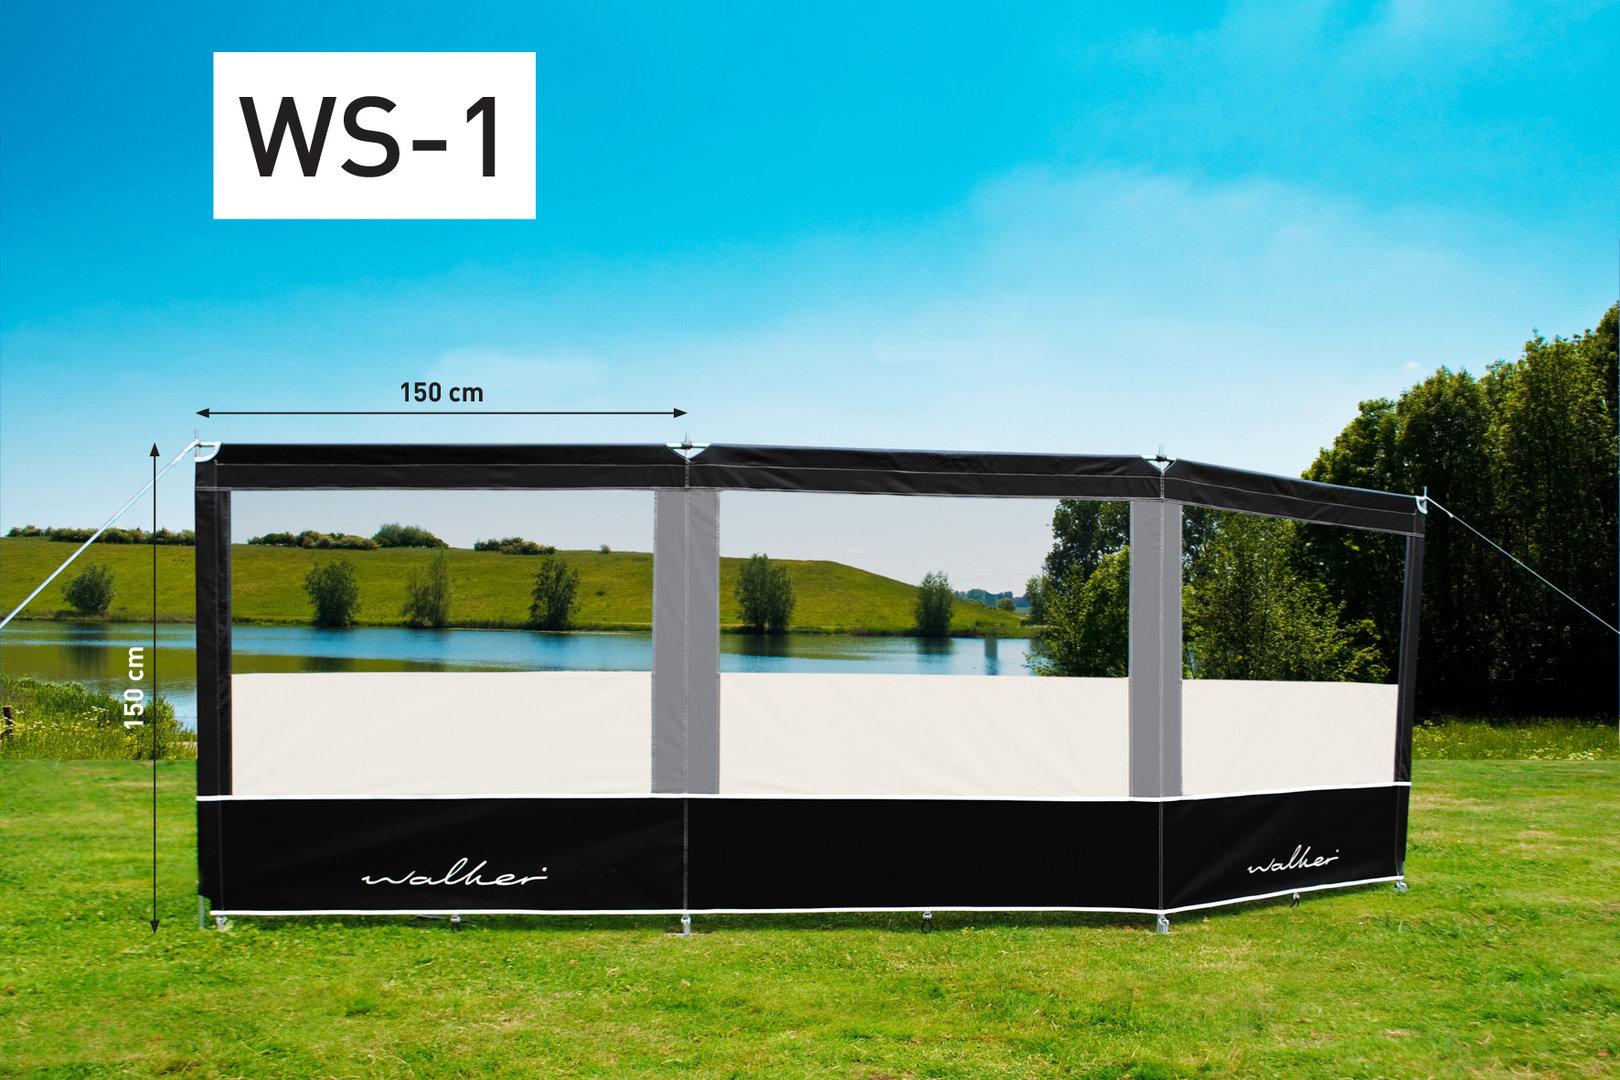 windschutz 150 cm hoch von walker ok camping onlineversand. Black Bedroom Furniture Sets. Home Design Ideas